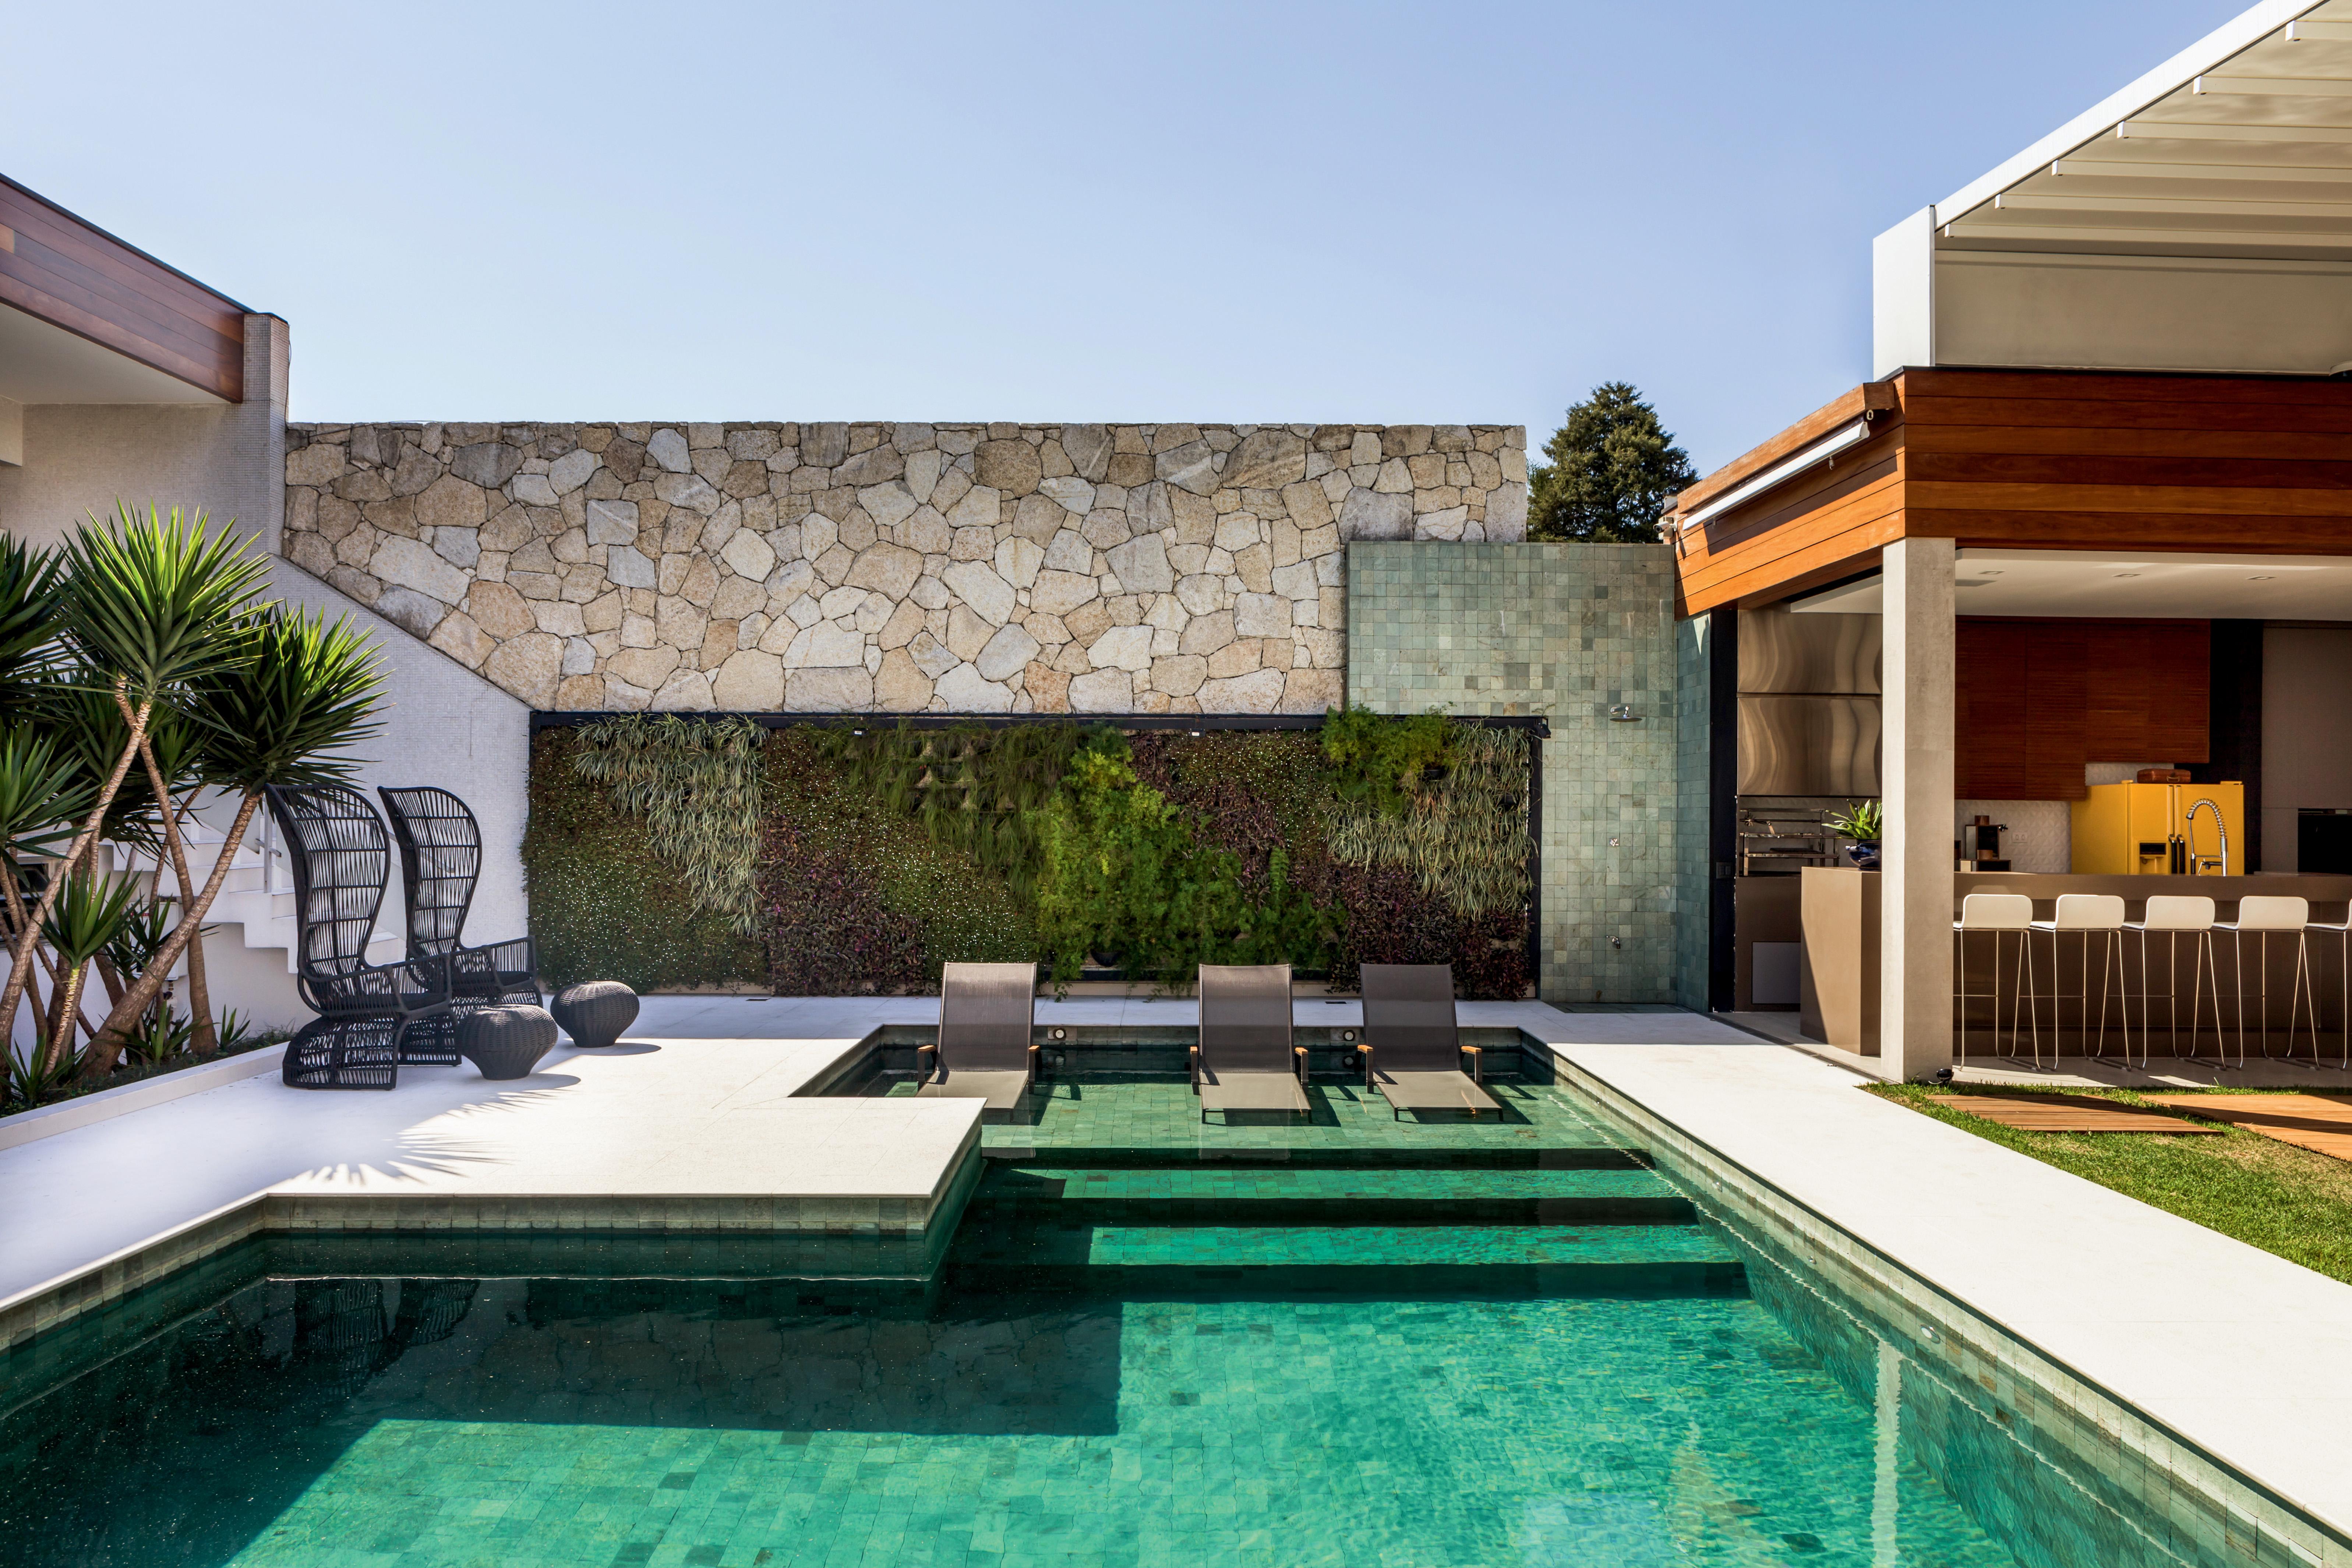 Jardim vertical e piscina com revestimento da pedra verde hijauem projeto dos arquitetos Gil Cioni e Olegário de Sá